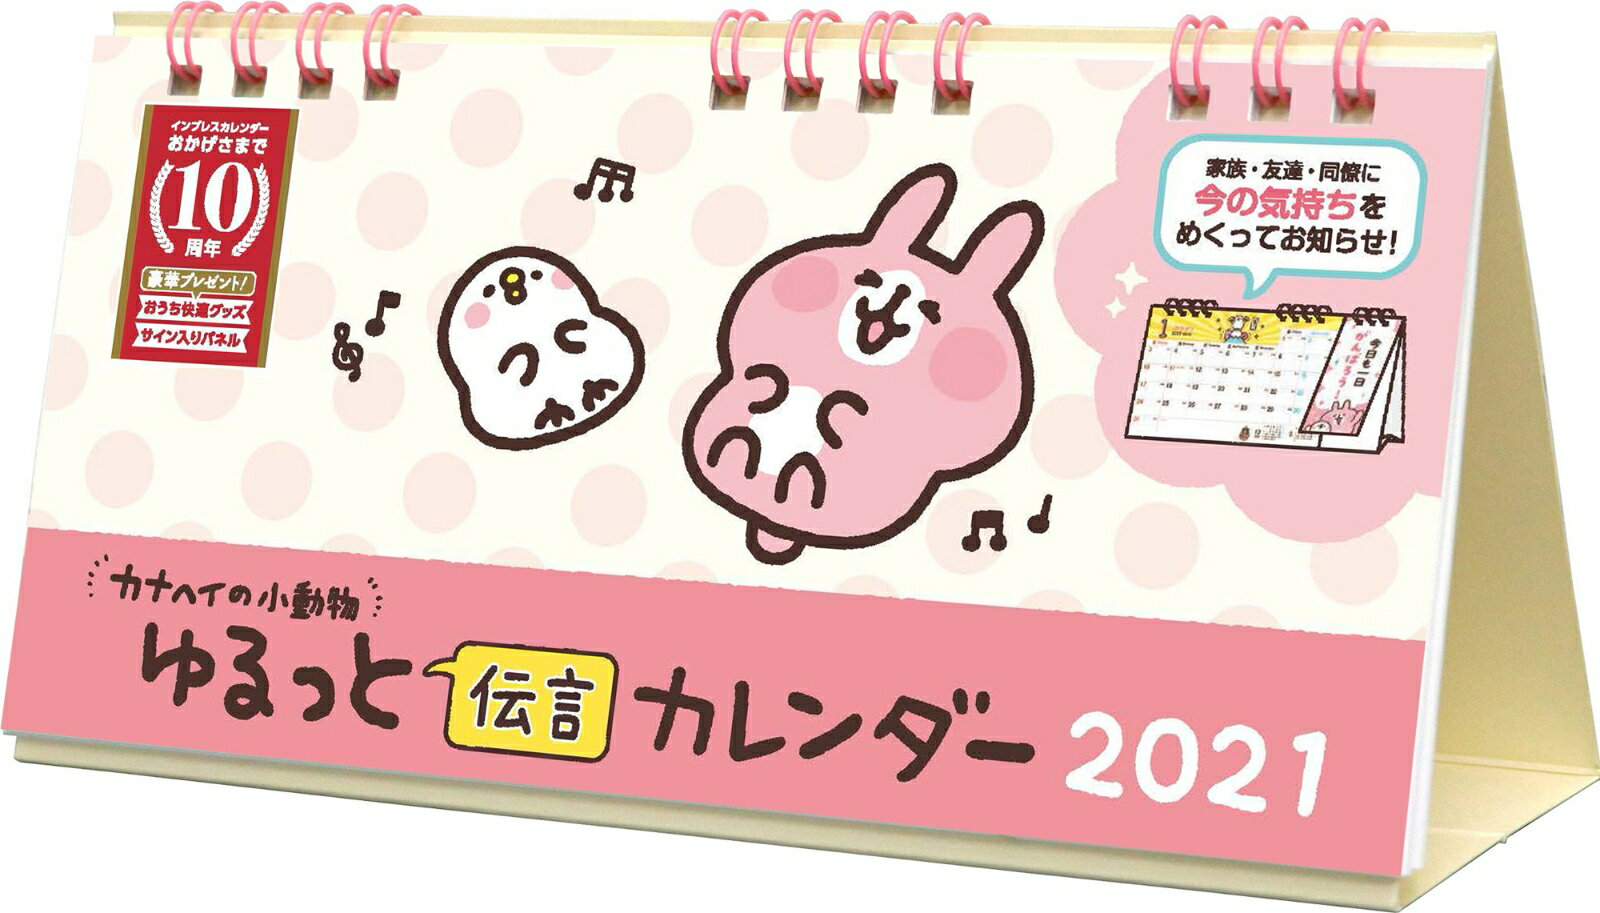 カレンダー, その他  2021